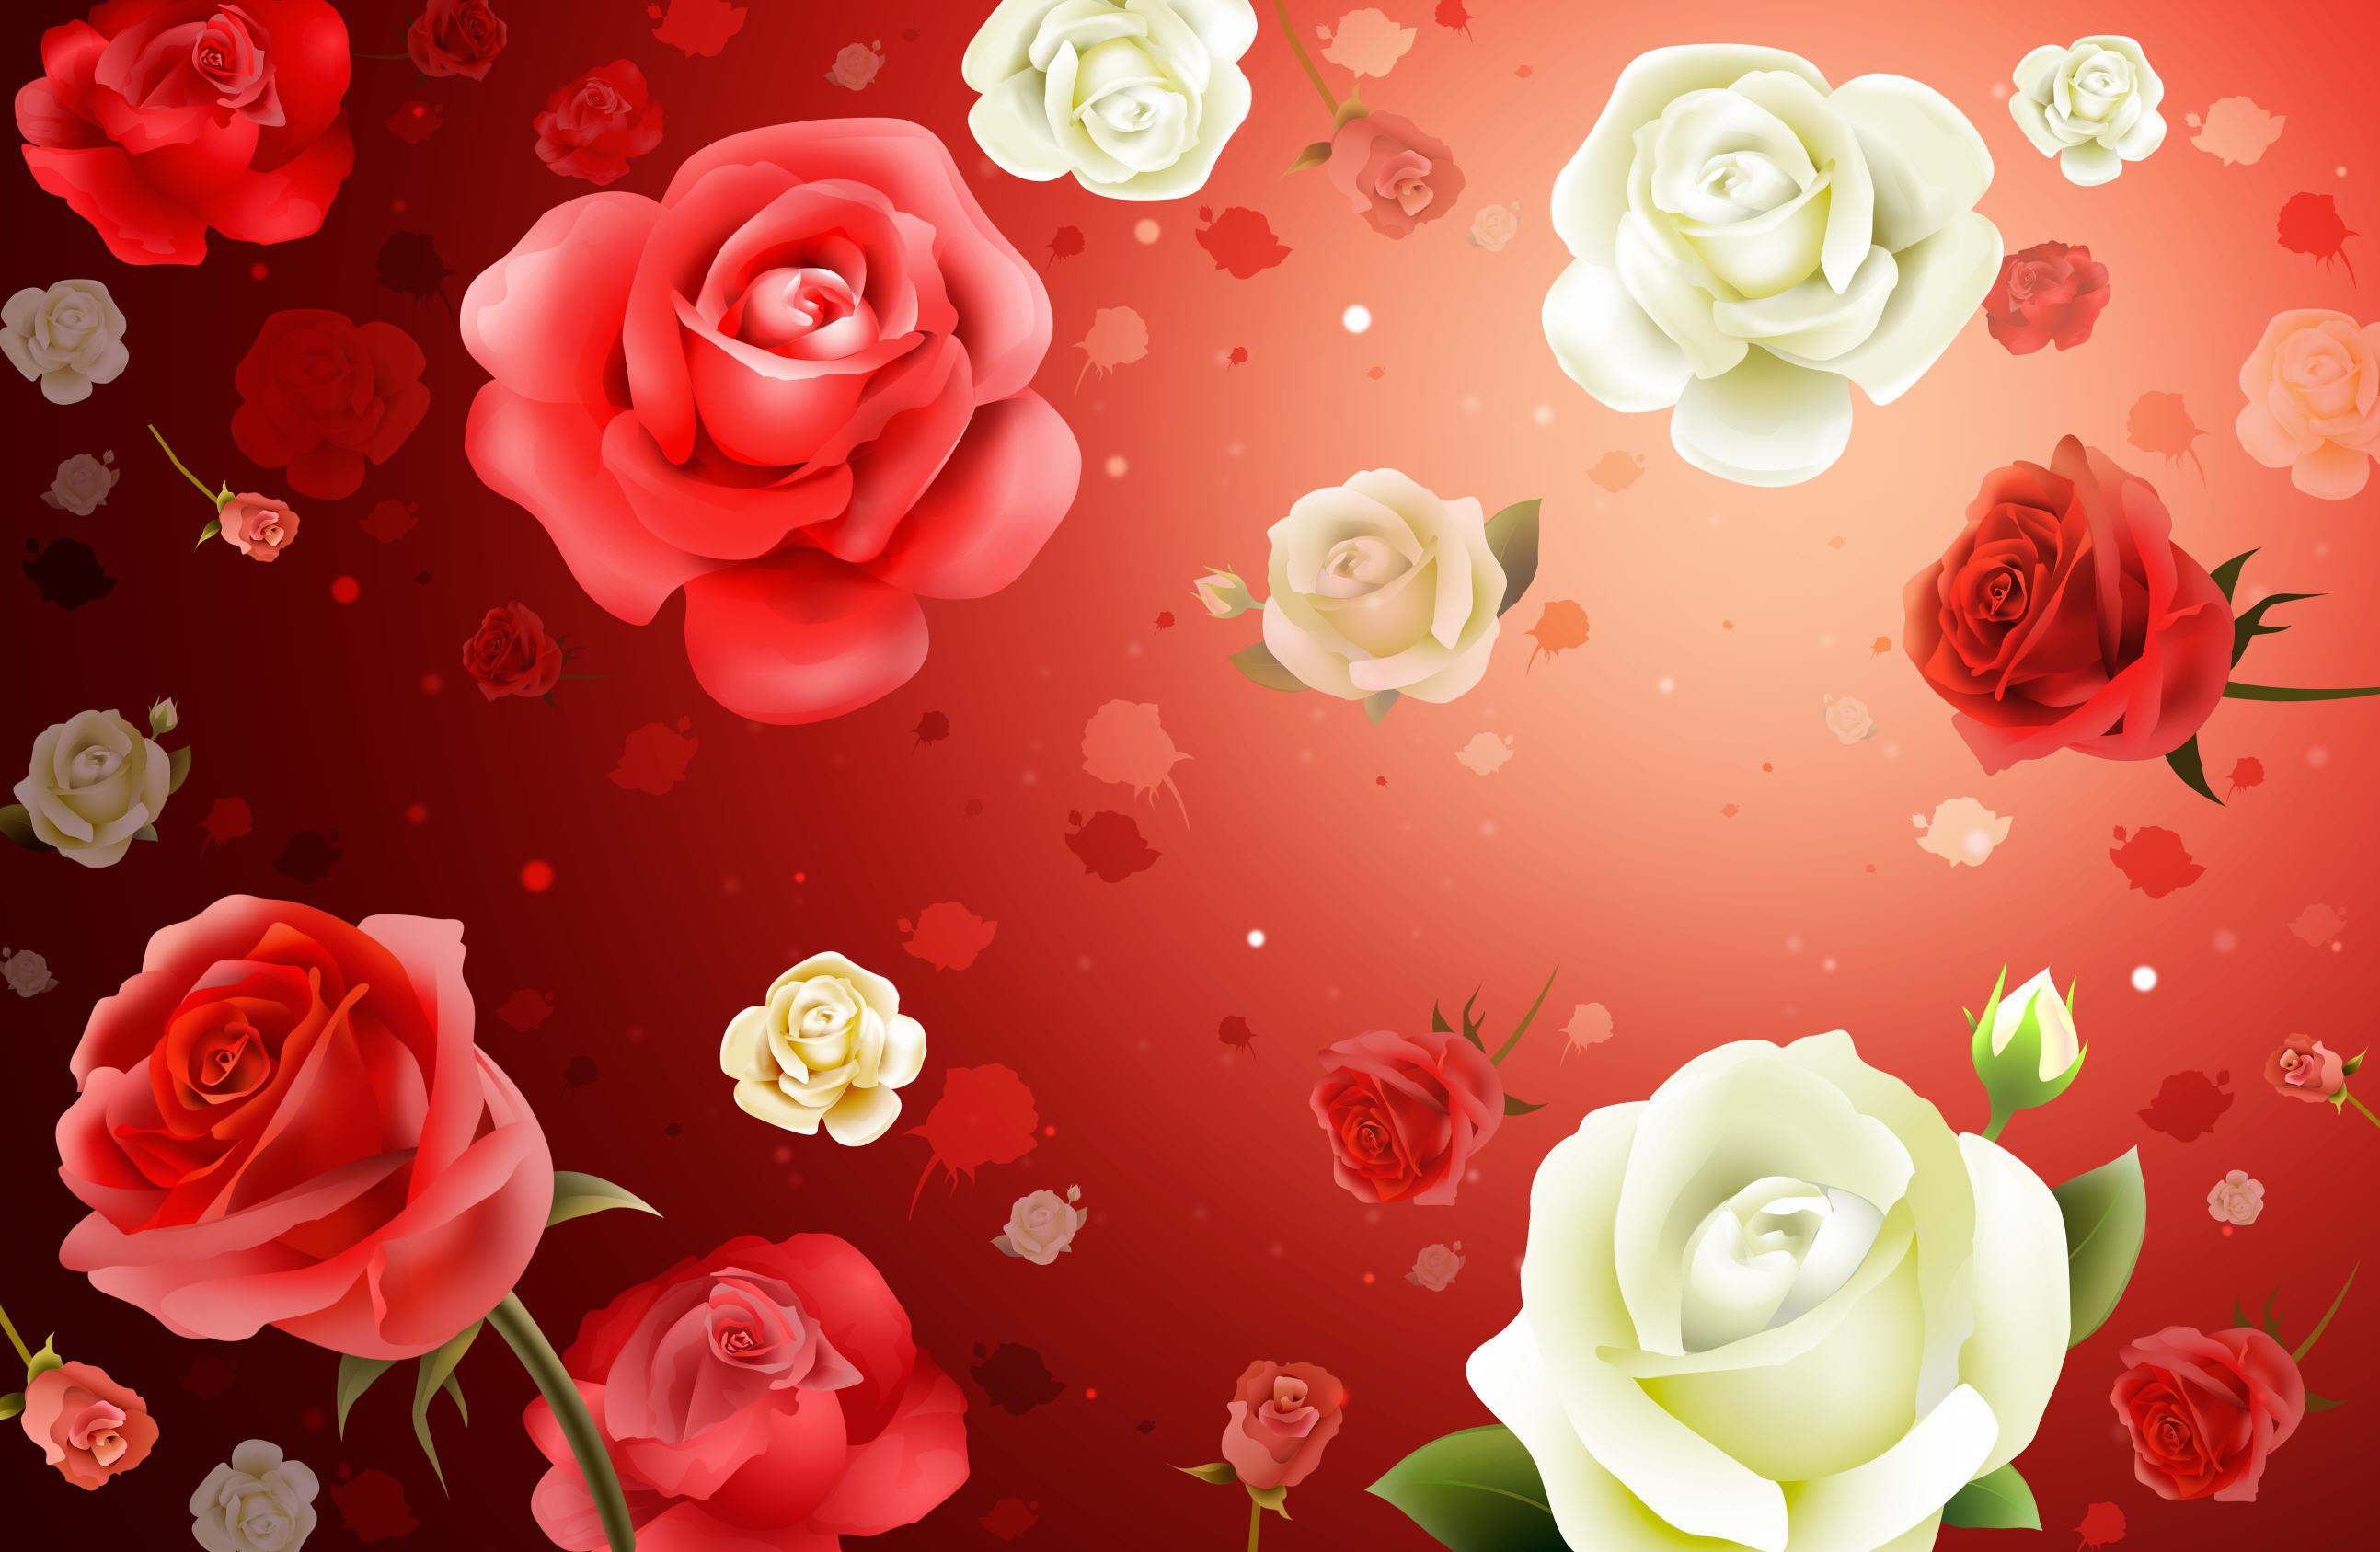 графика космос цветы роза graphics space flowers rose  № 927112 загрузить